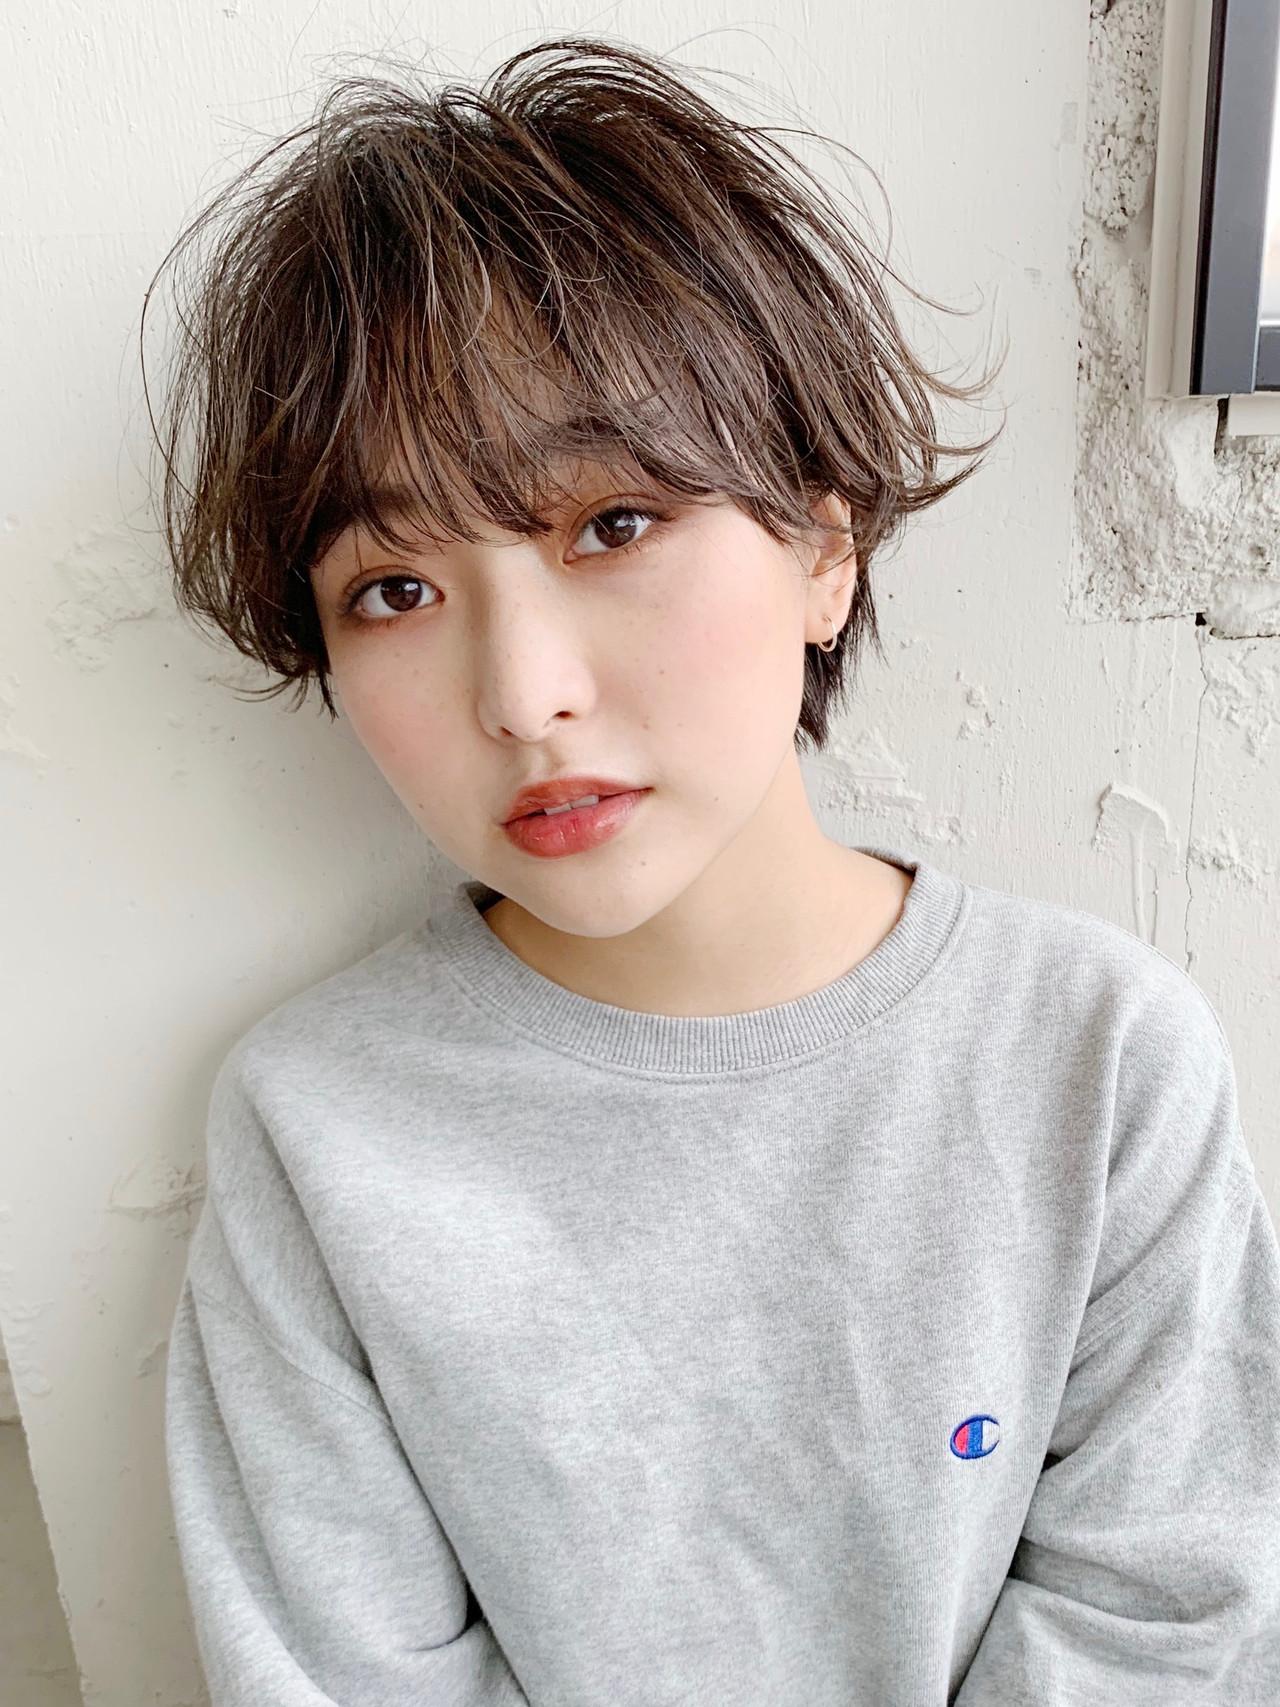 ショートヘア 小顔ショート ミニボブ ハンサムショート ヘアスタイルや髪型の写真・画像 | Natsuko Kodama 児玉奈都子 / dydi